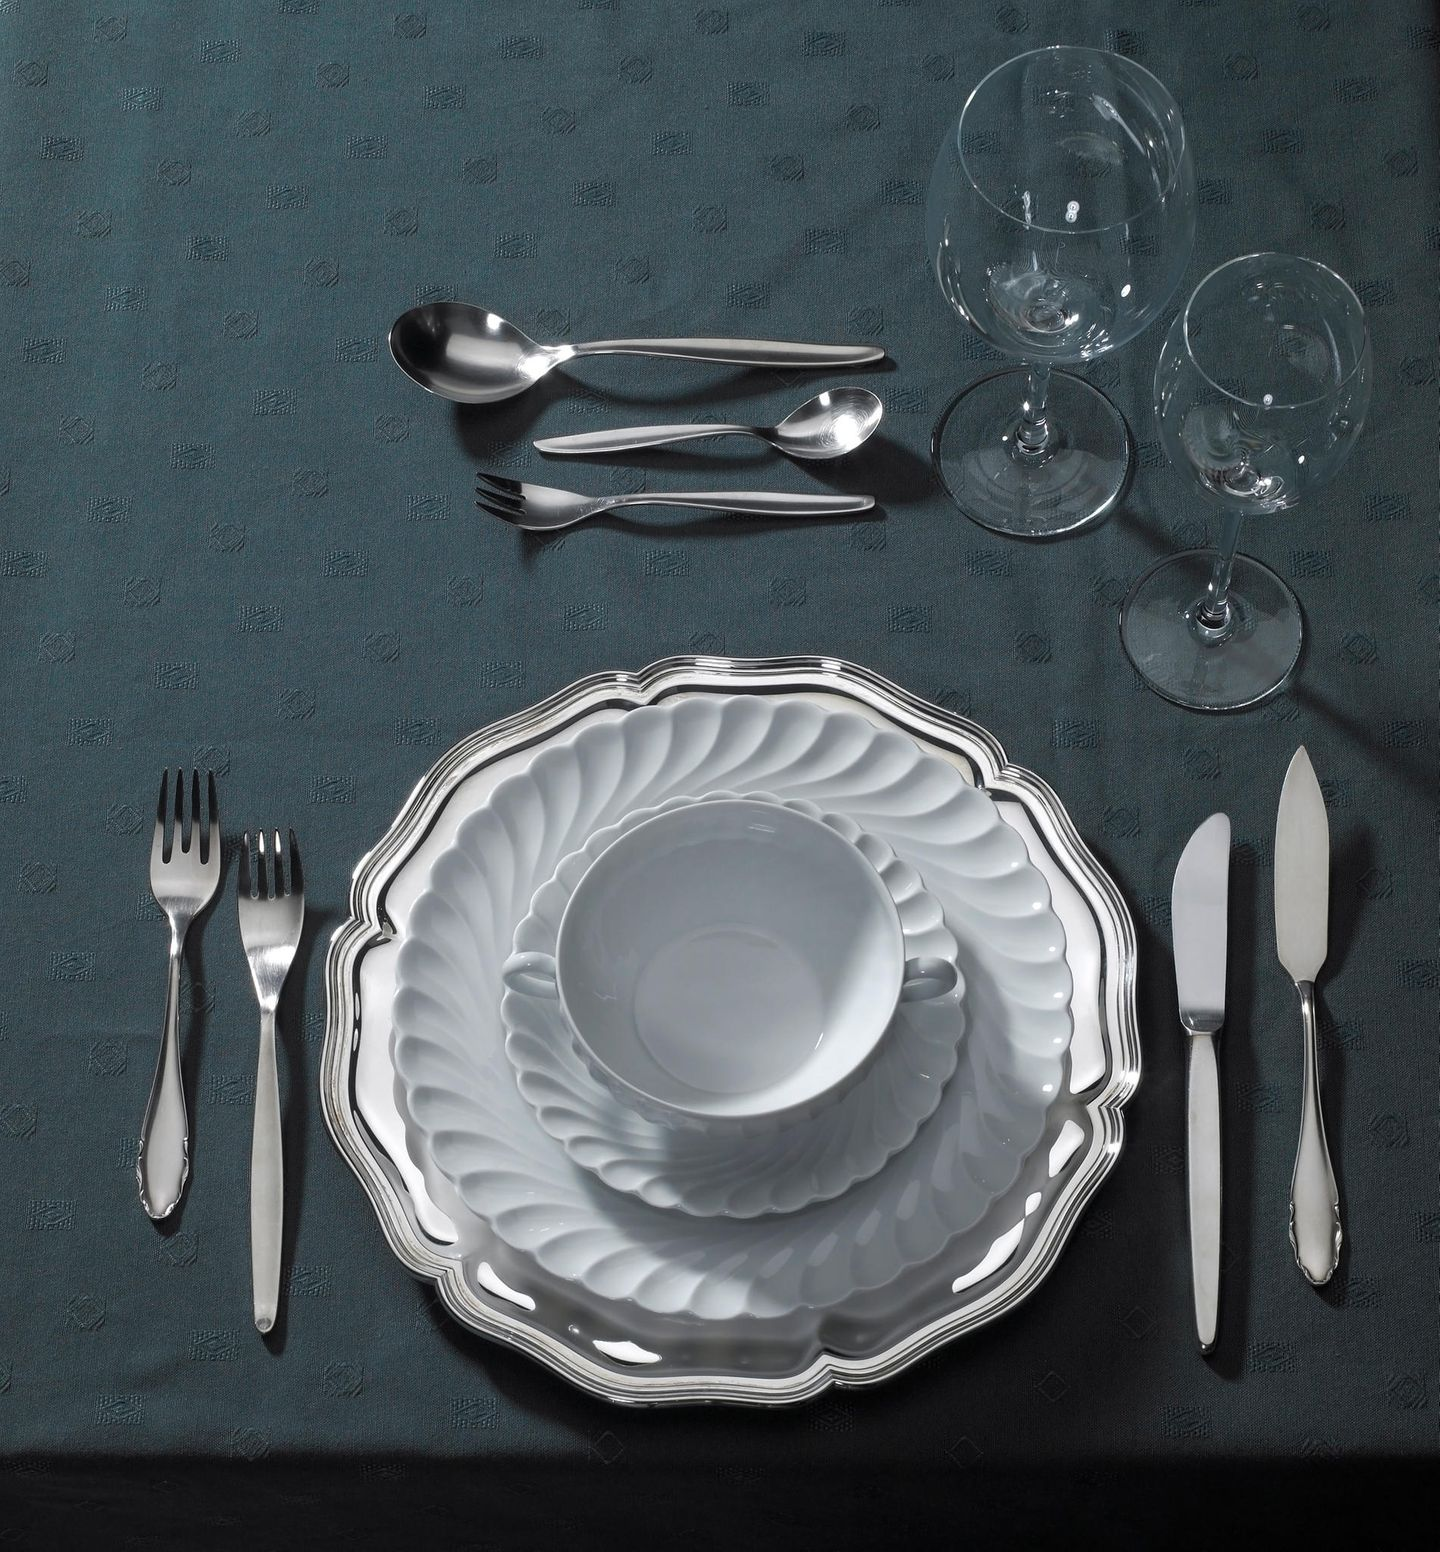 KLassisch gedeckter Tisch für ein Mehrgang-Menü